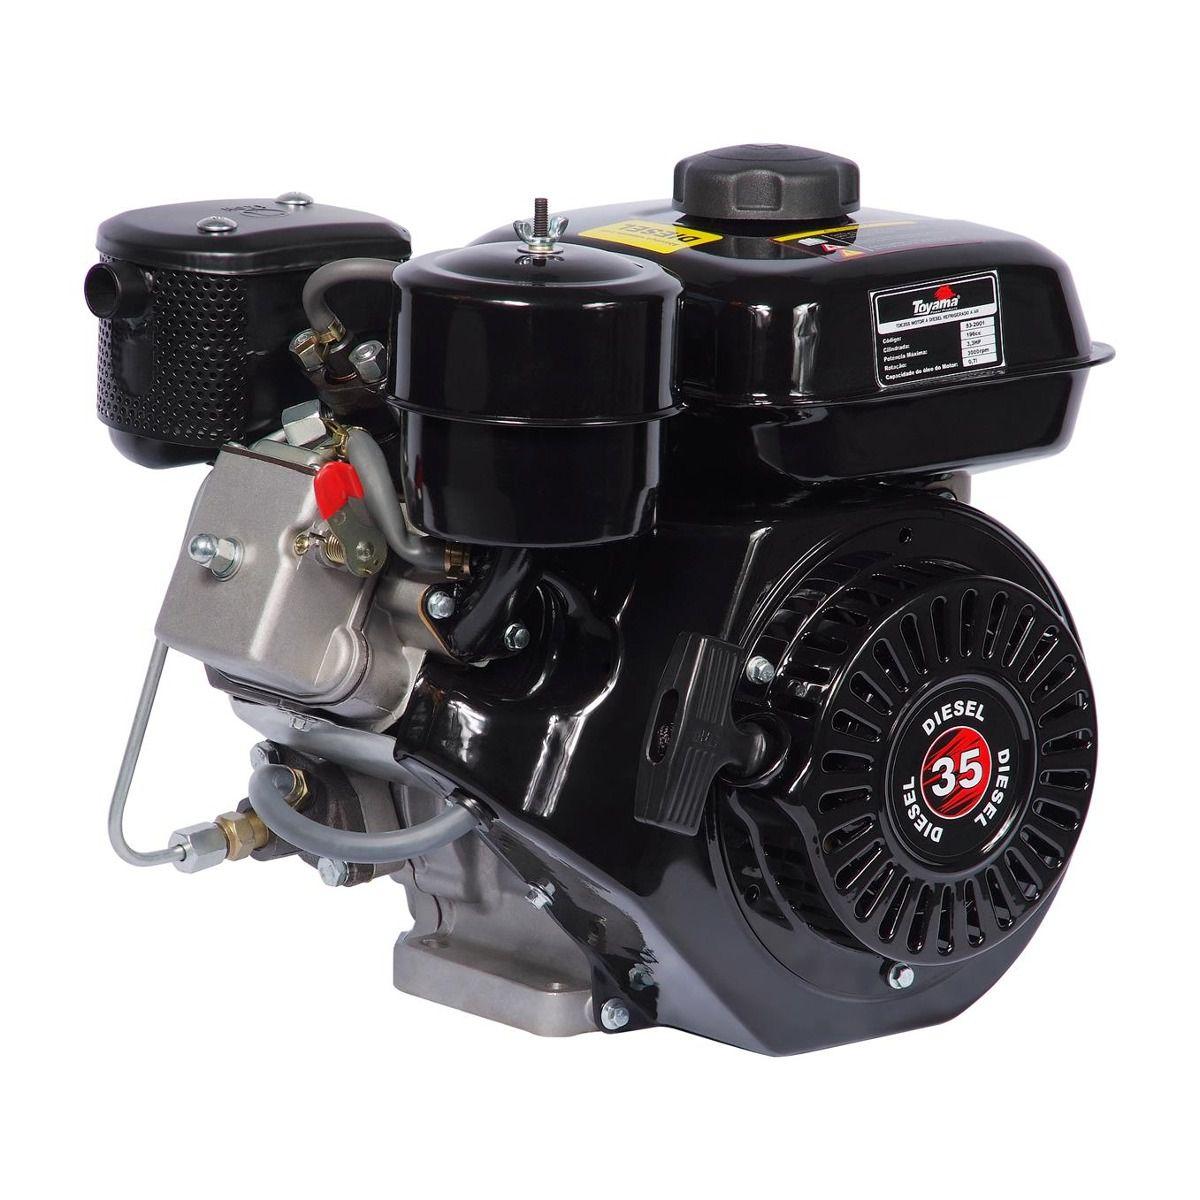 Motor Diesel Tde35S-G2 Toyama